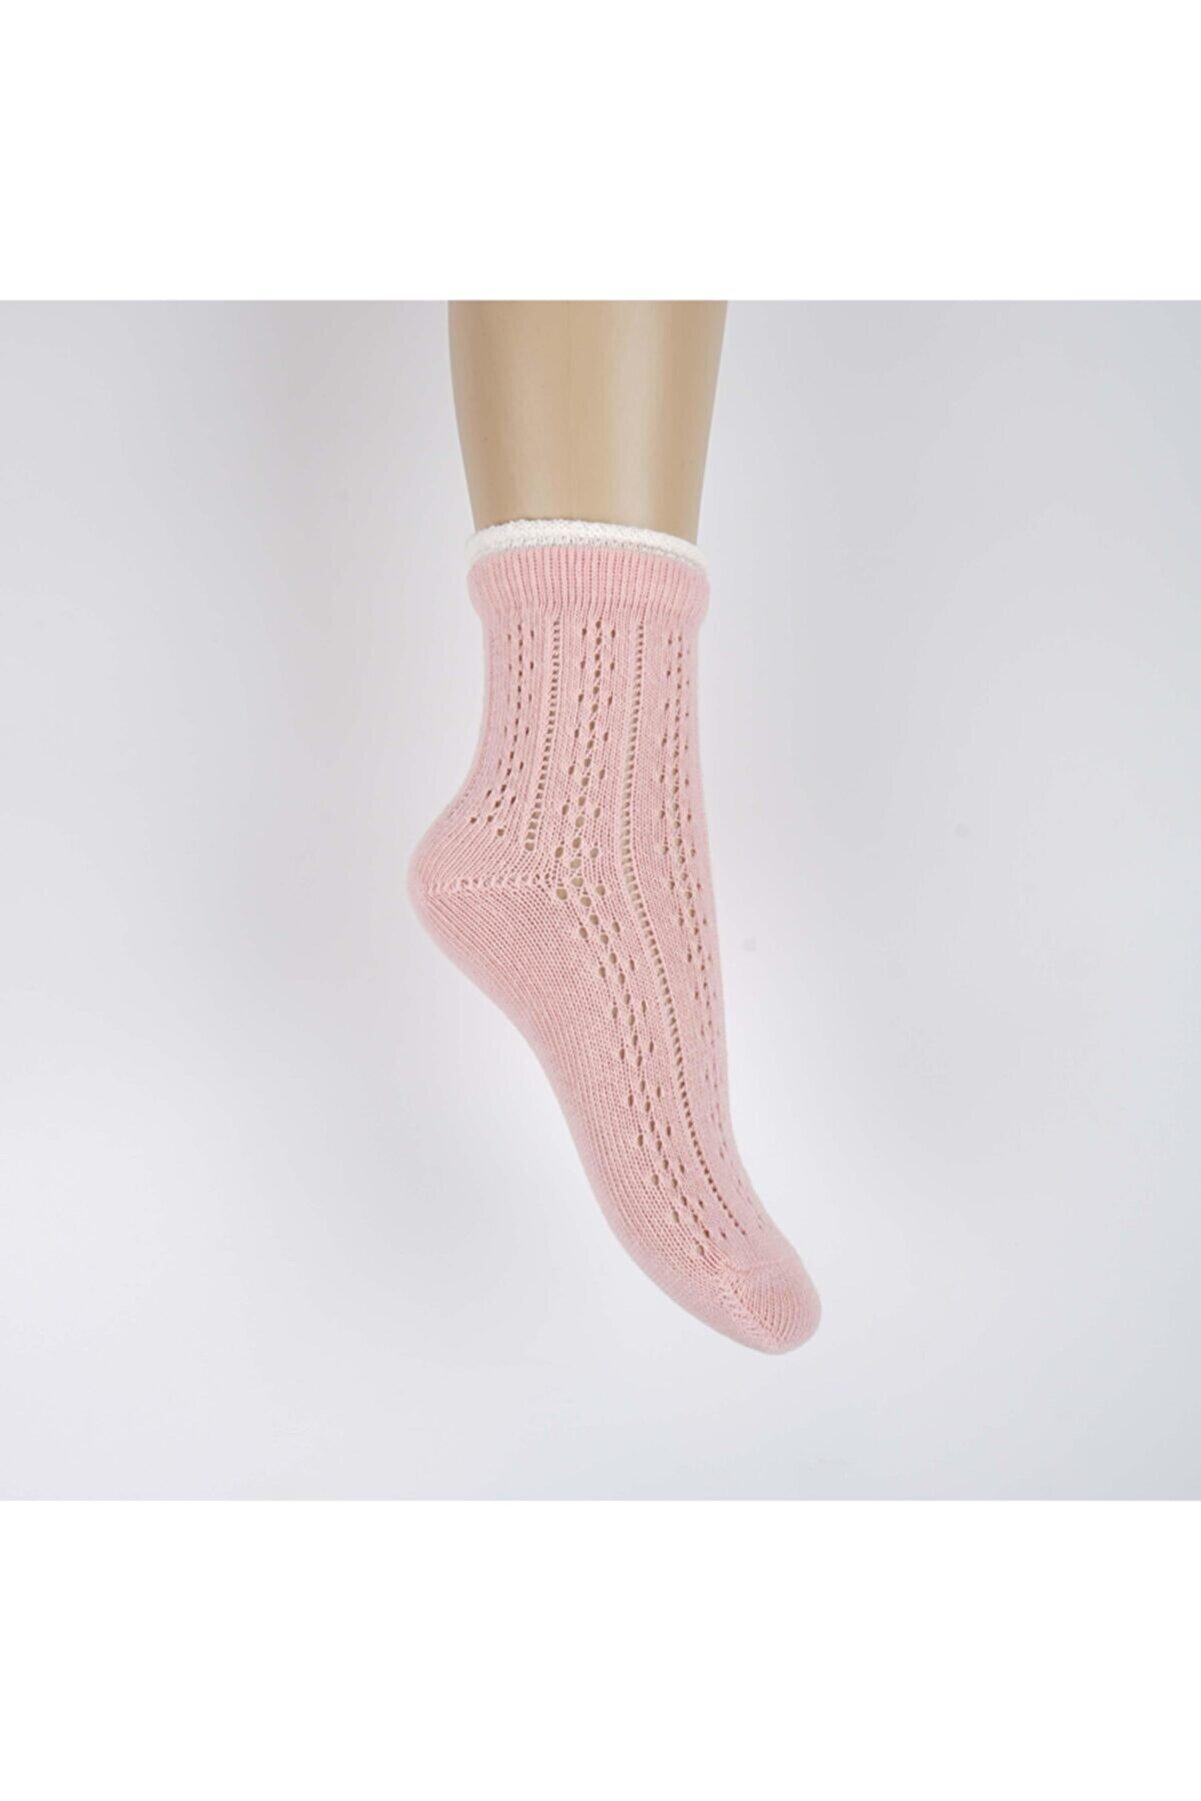 Katamino Toprak Kız File Soket Çorap